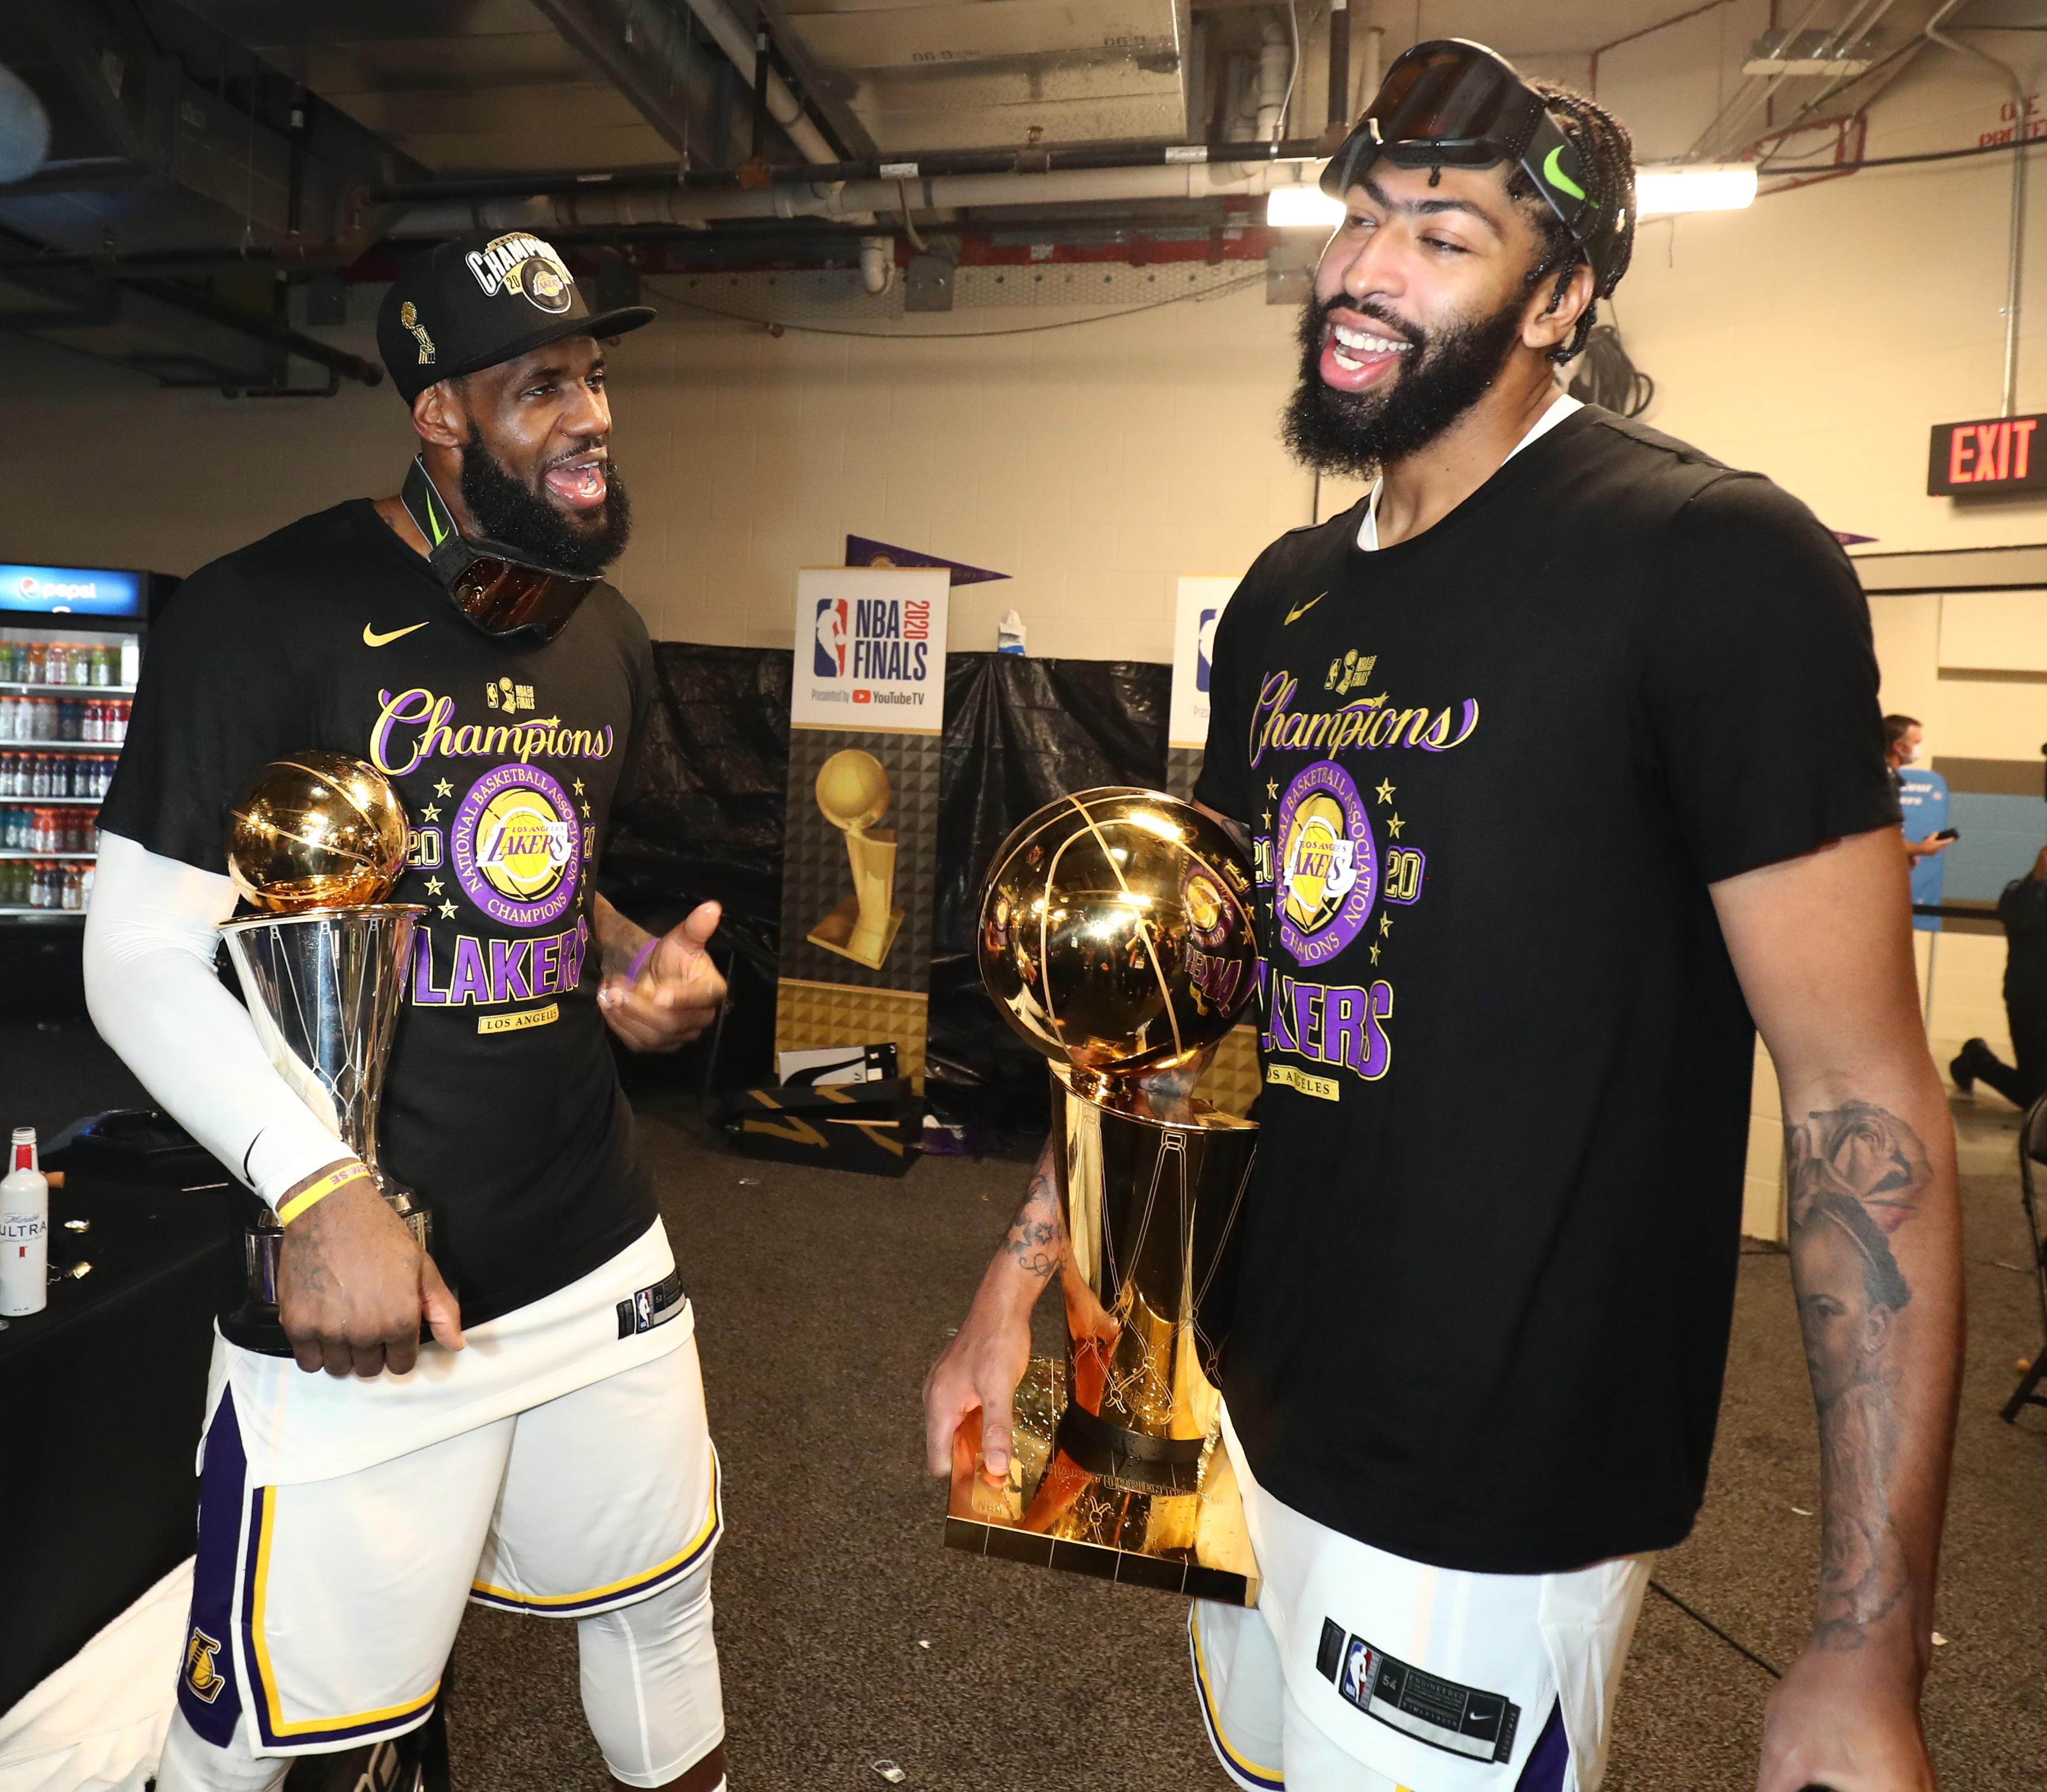 2020 NBA决赛 - 洛杉矶湖人队v迈阿密热量